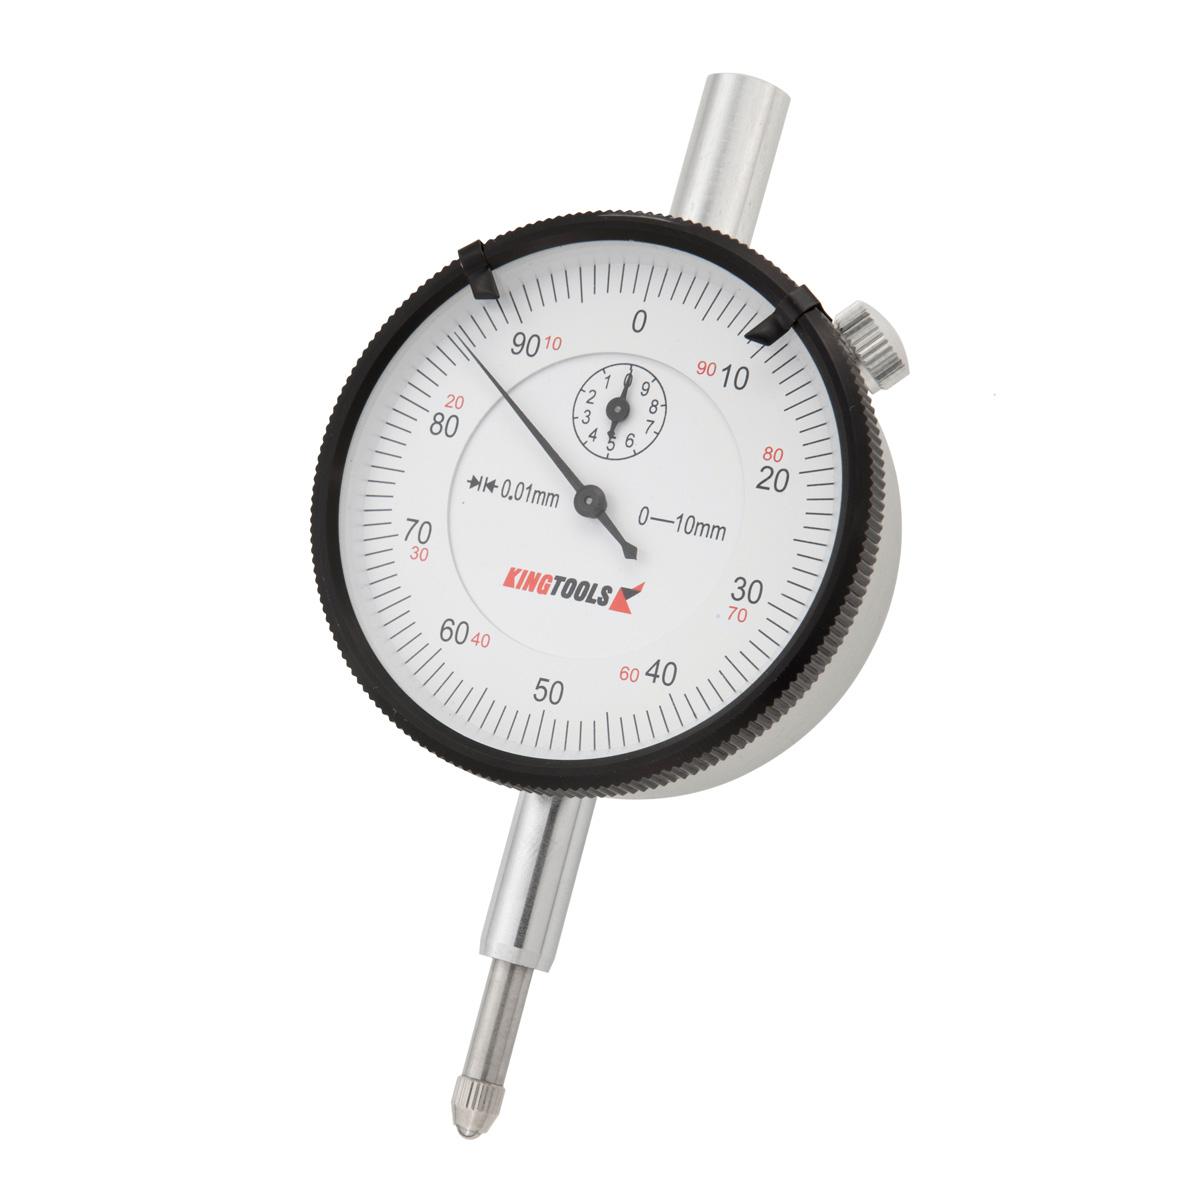 Relógio Comparador 0-10mm em Alumínio Graduação de 0,01mm 506...